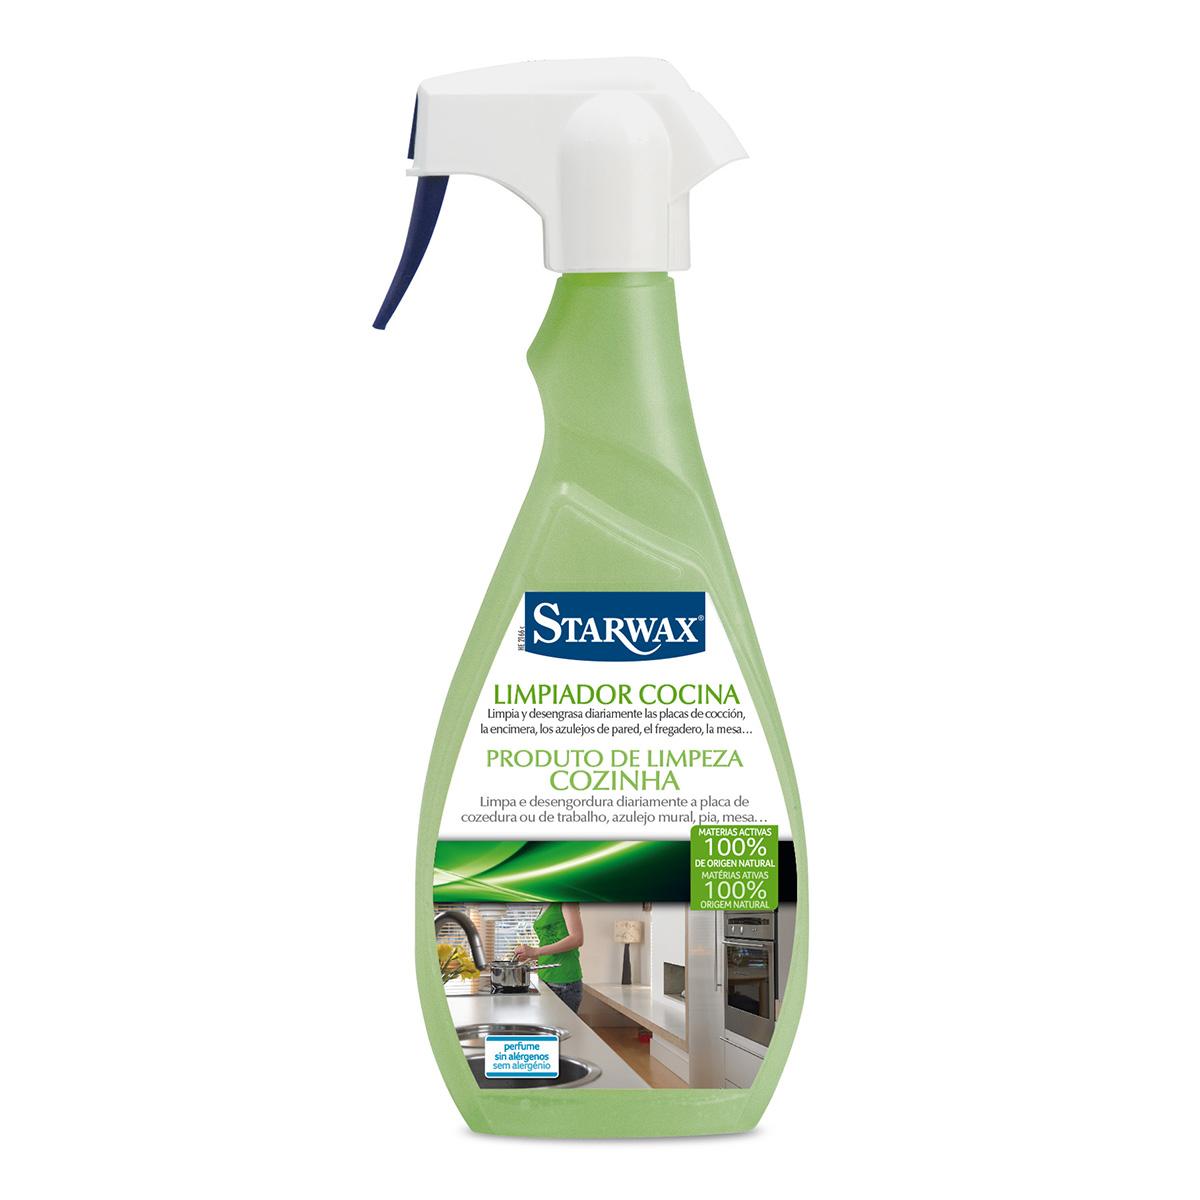 Limpiador desengrasante cocina - Starwax